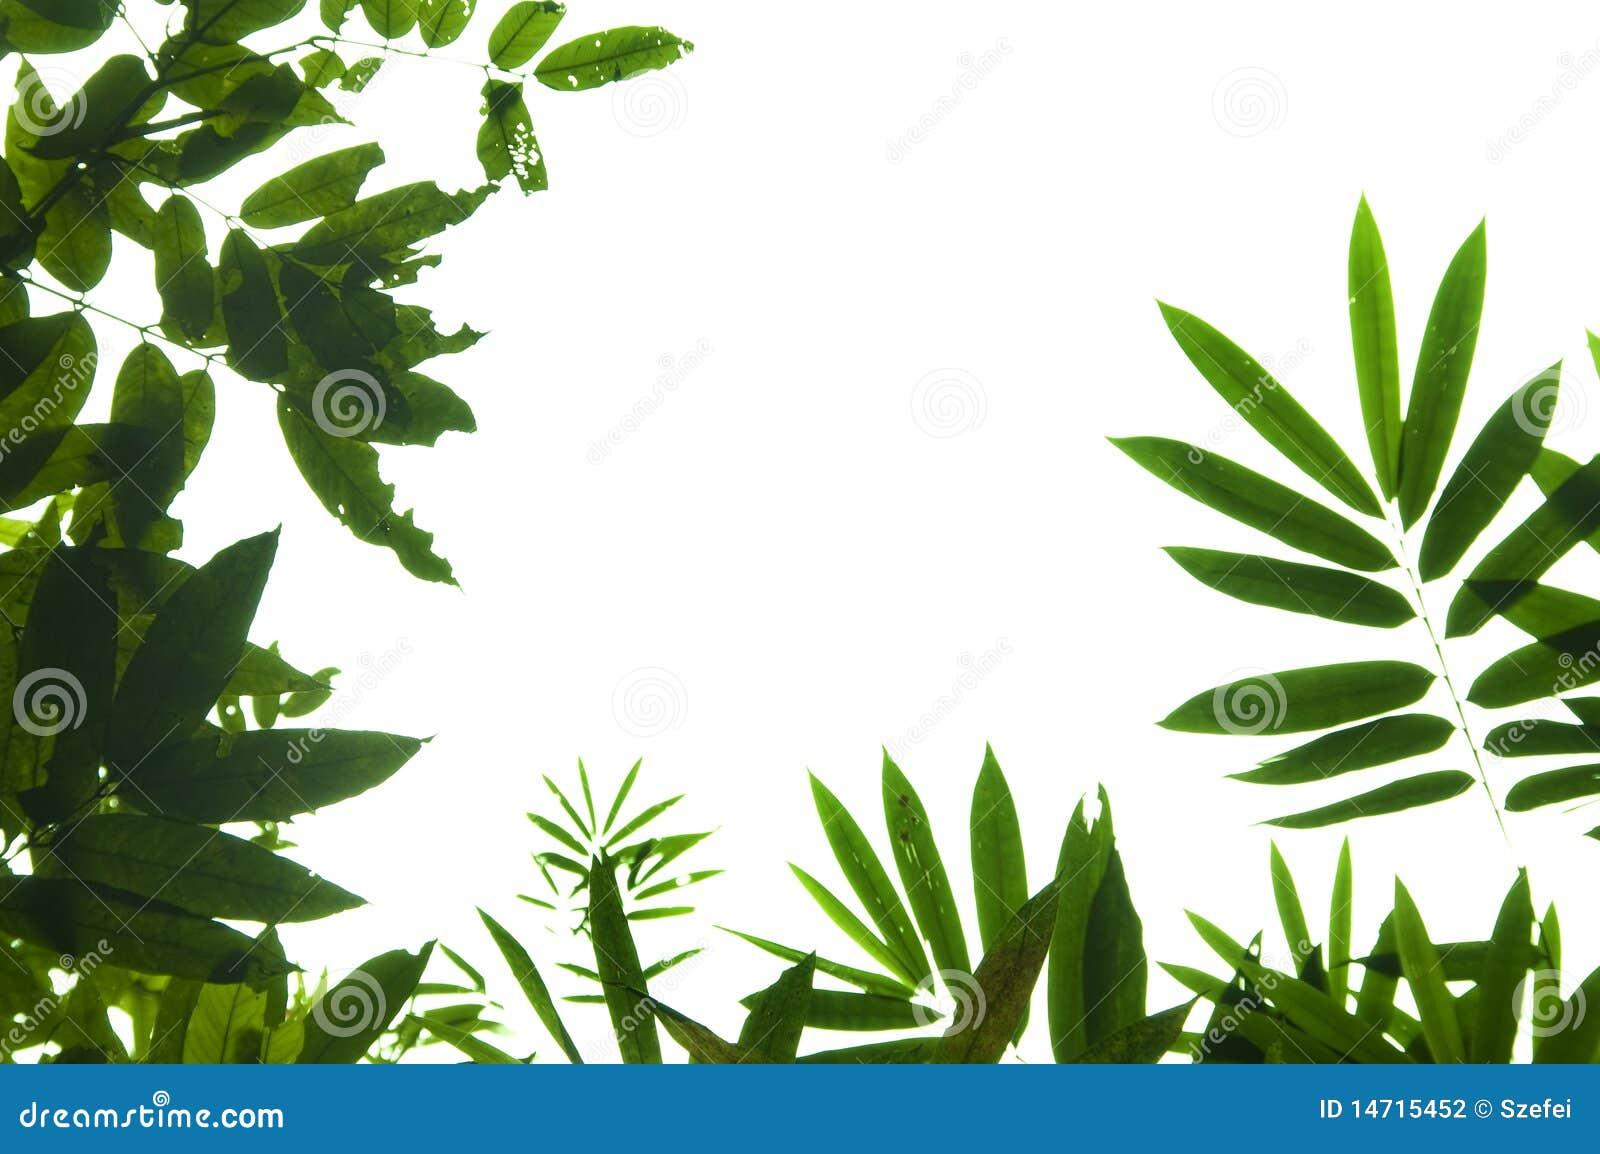 Leaf Border Stock Photography - Image: 14715452